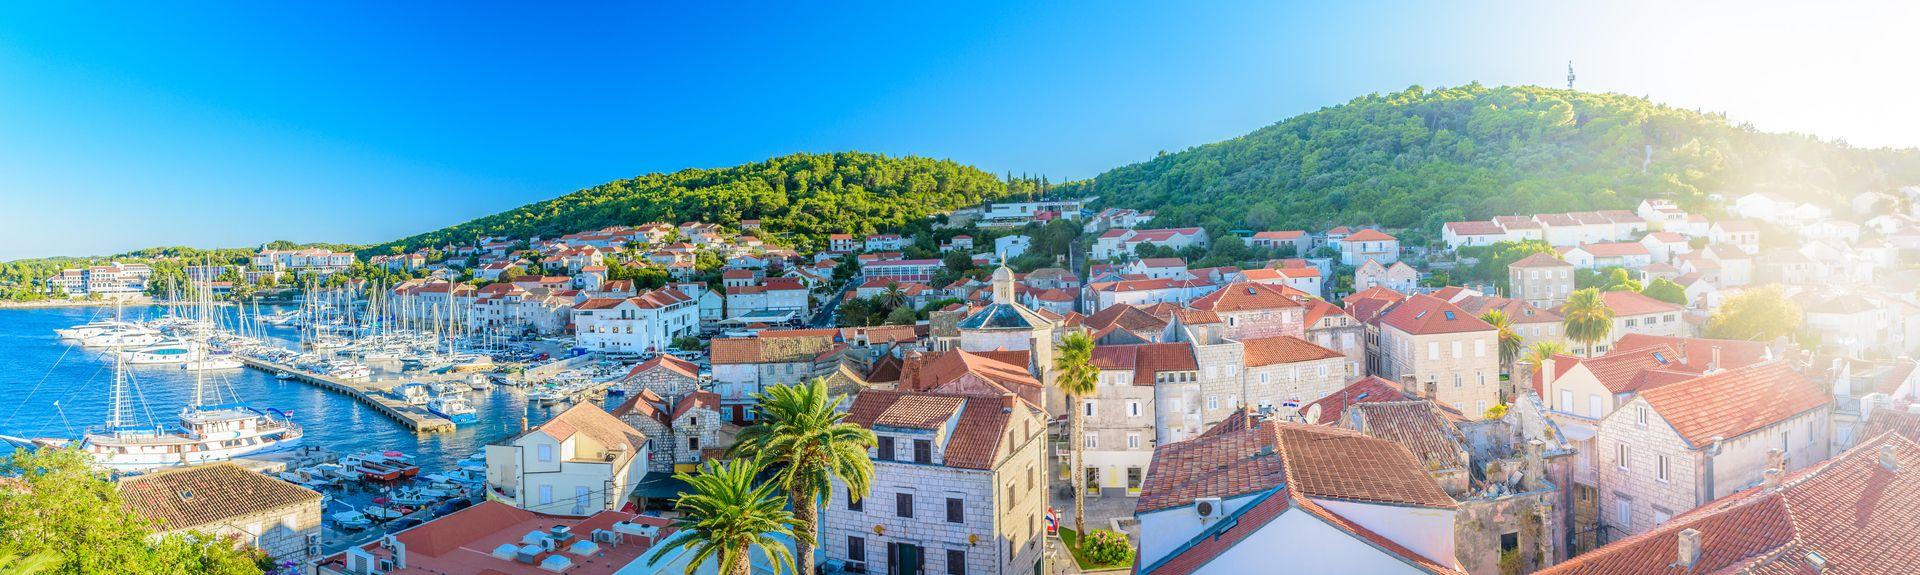 Korcula, Dubrovnik-Neretva, Kroatia